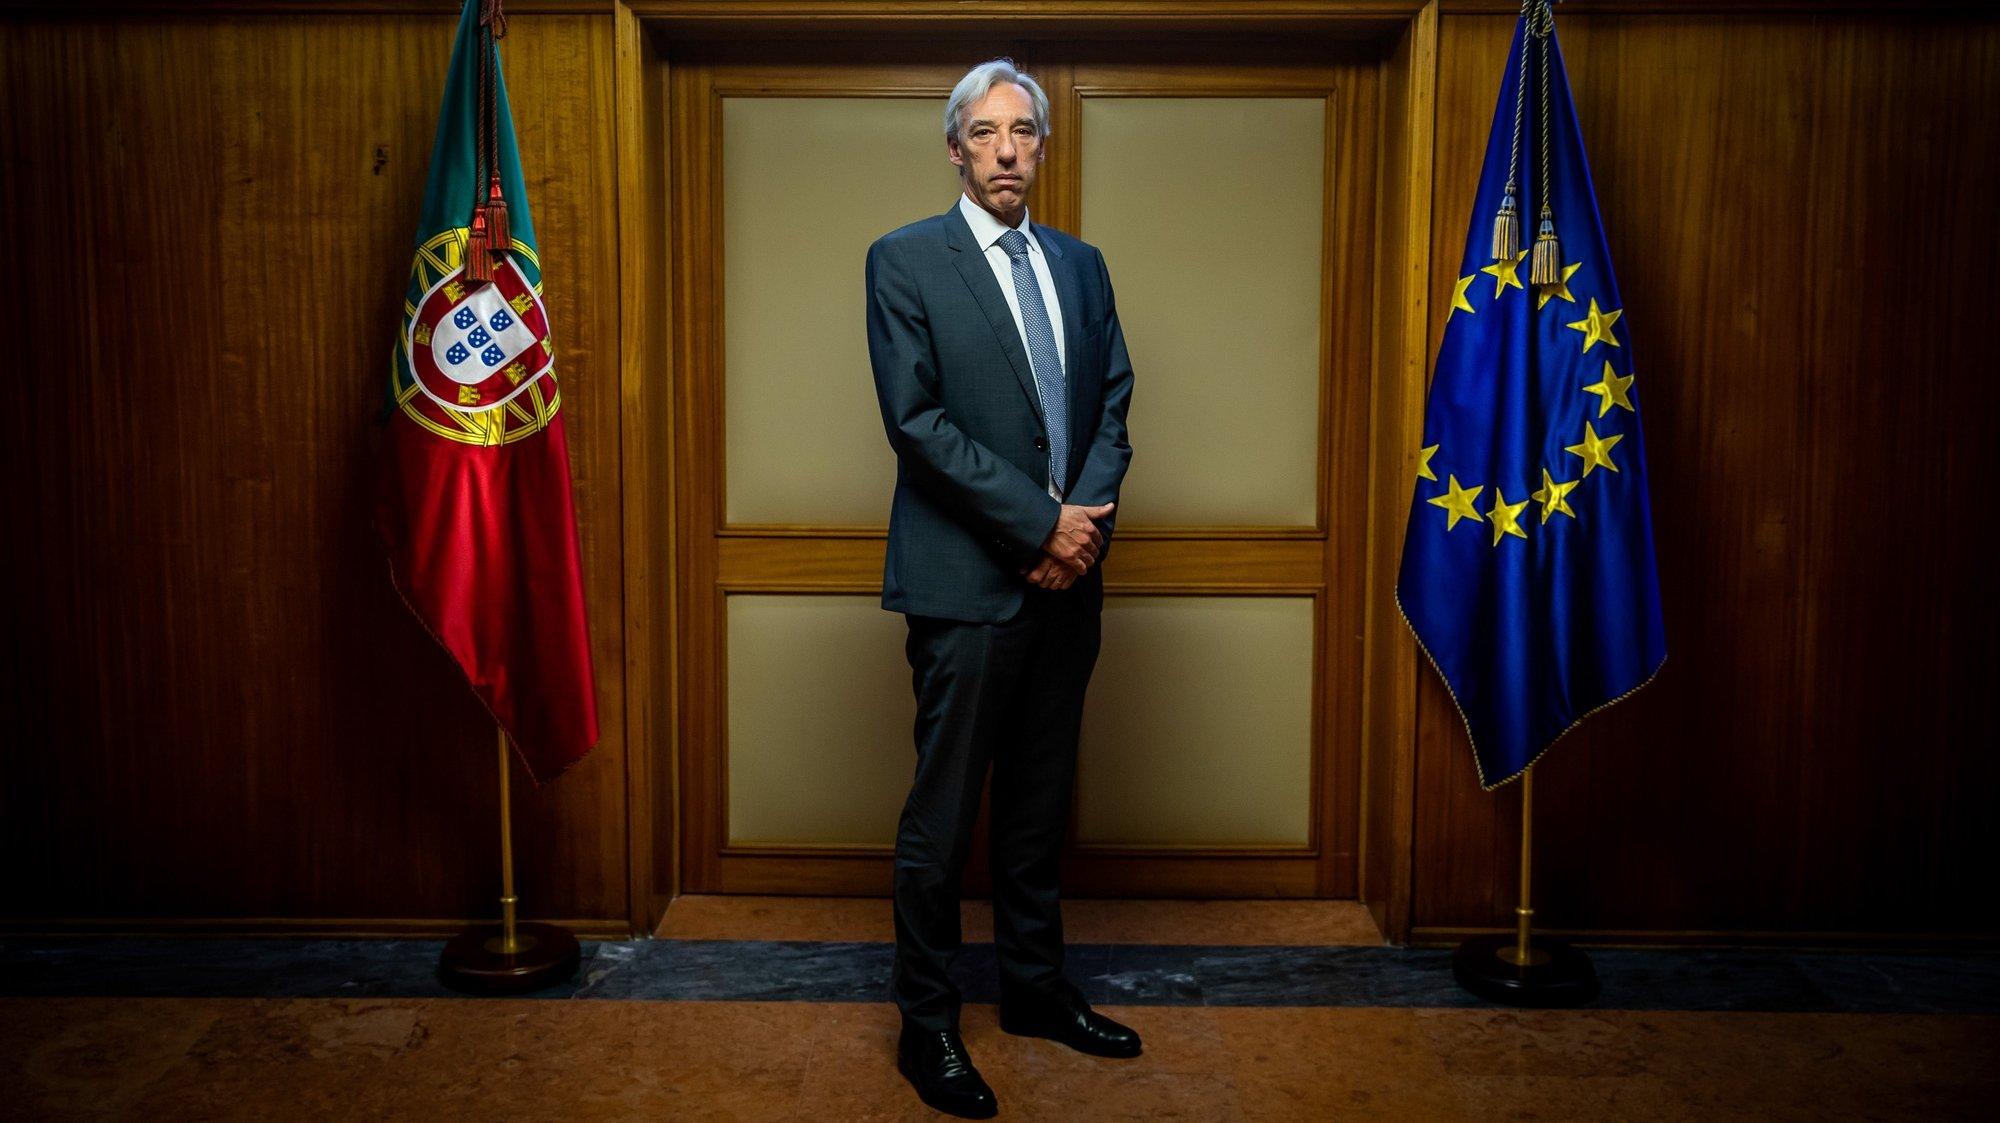 O ministro da Defesa Nacional, João Gomes Cravinho, posa para a fotografia duranten uma entrevista à agência Lusa, no Ministério da Defesa Nacional, em Lisboa, 16 de fevereiro de 2021. O ministro da Defesa vai propor o alargamento das competências do Chefe do Estado-Maior das Forças Armadas (CEMGFA), que passa a ter o comando operacional de toda a atividade militar, e disse contar com o apoio das chefias. (ACOMPANHA TEXTO DA LUSA DO DIA 17 DE FEVEREIRO DE 2021). JOSÉ SENA GOULÃO/LUSA